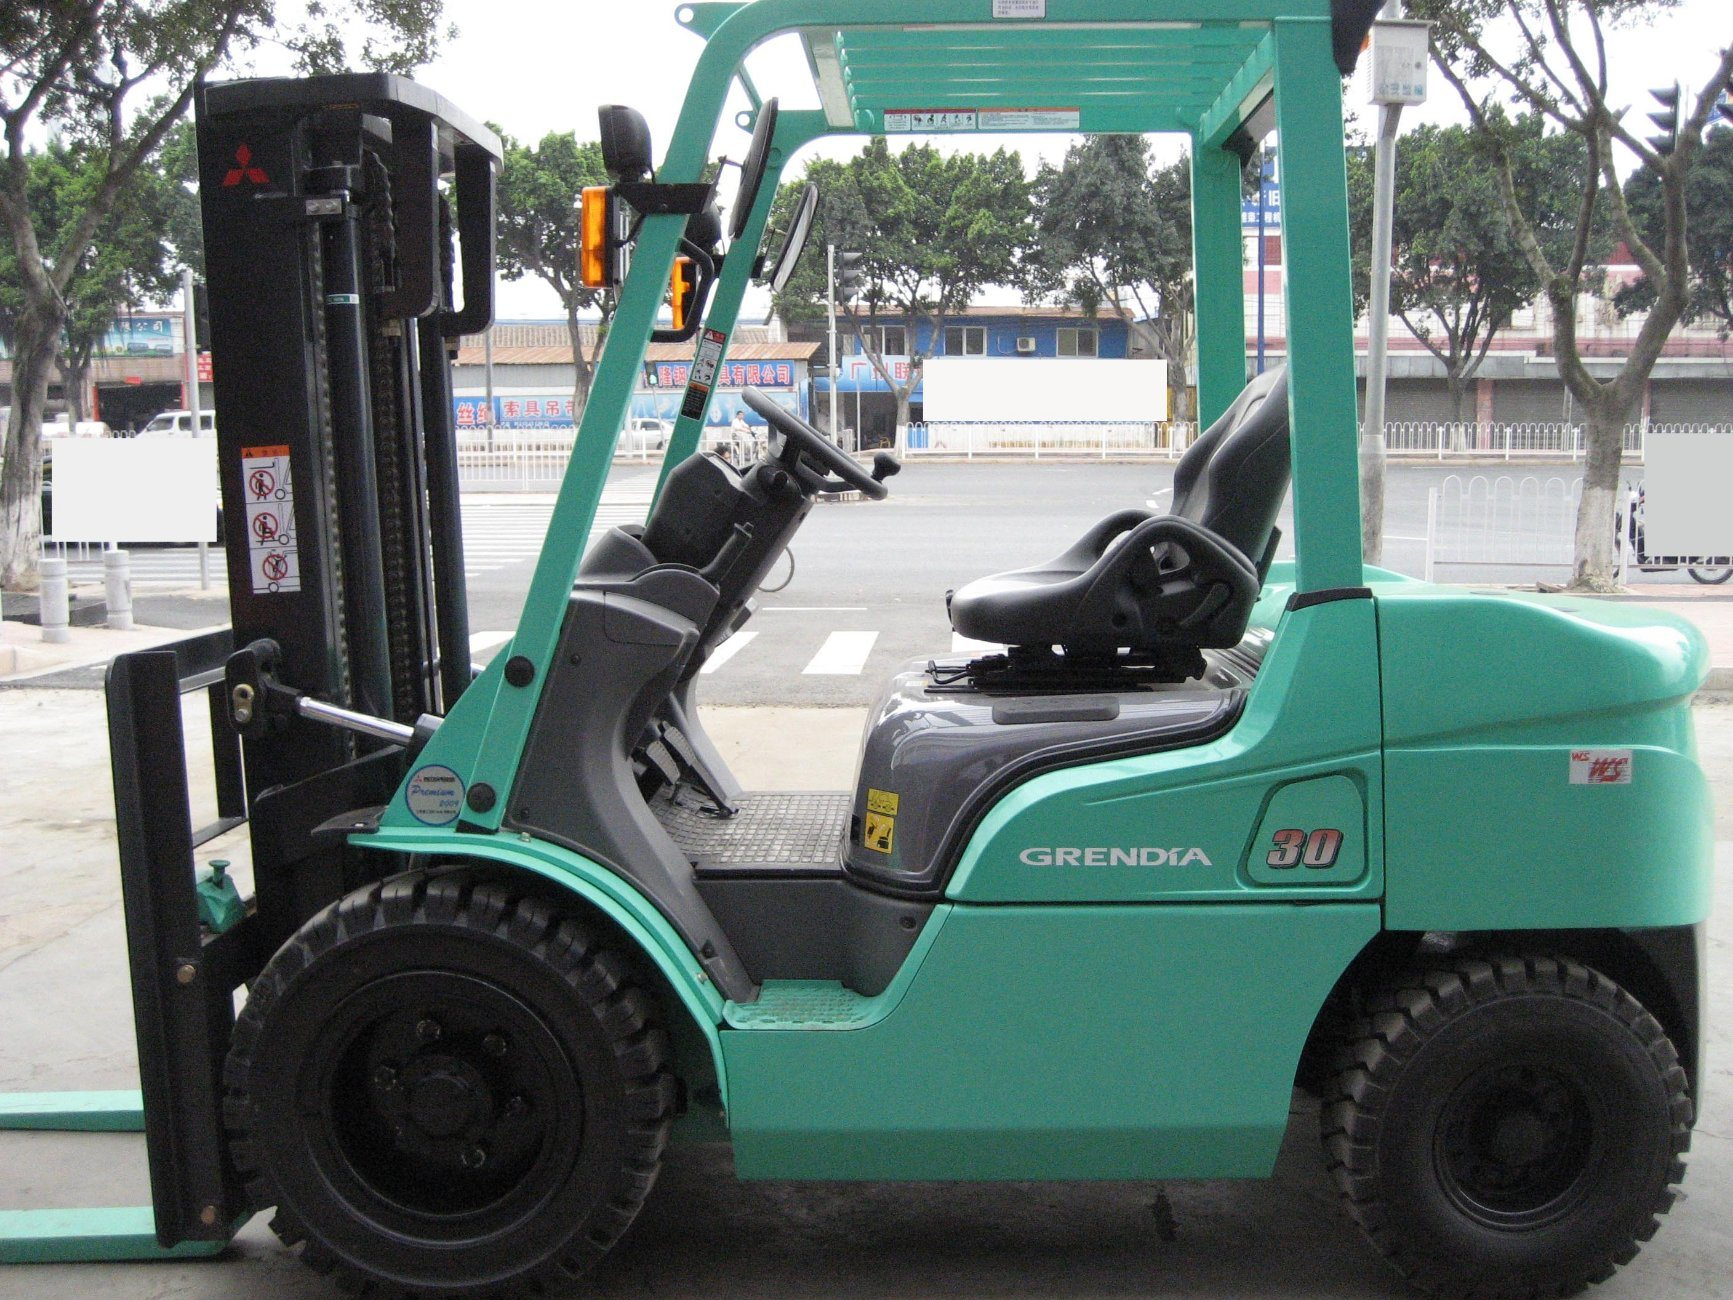 tooltip forklifts standupendcontroltrucks en mft mit up trucks classi stand all mitsubishi forklift